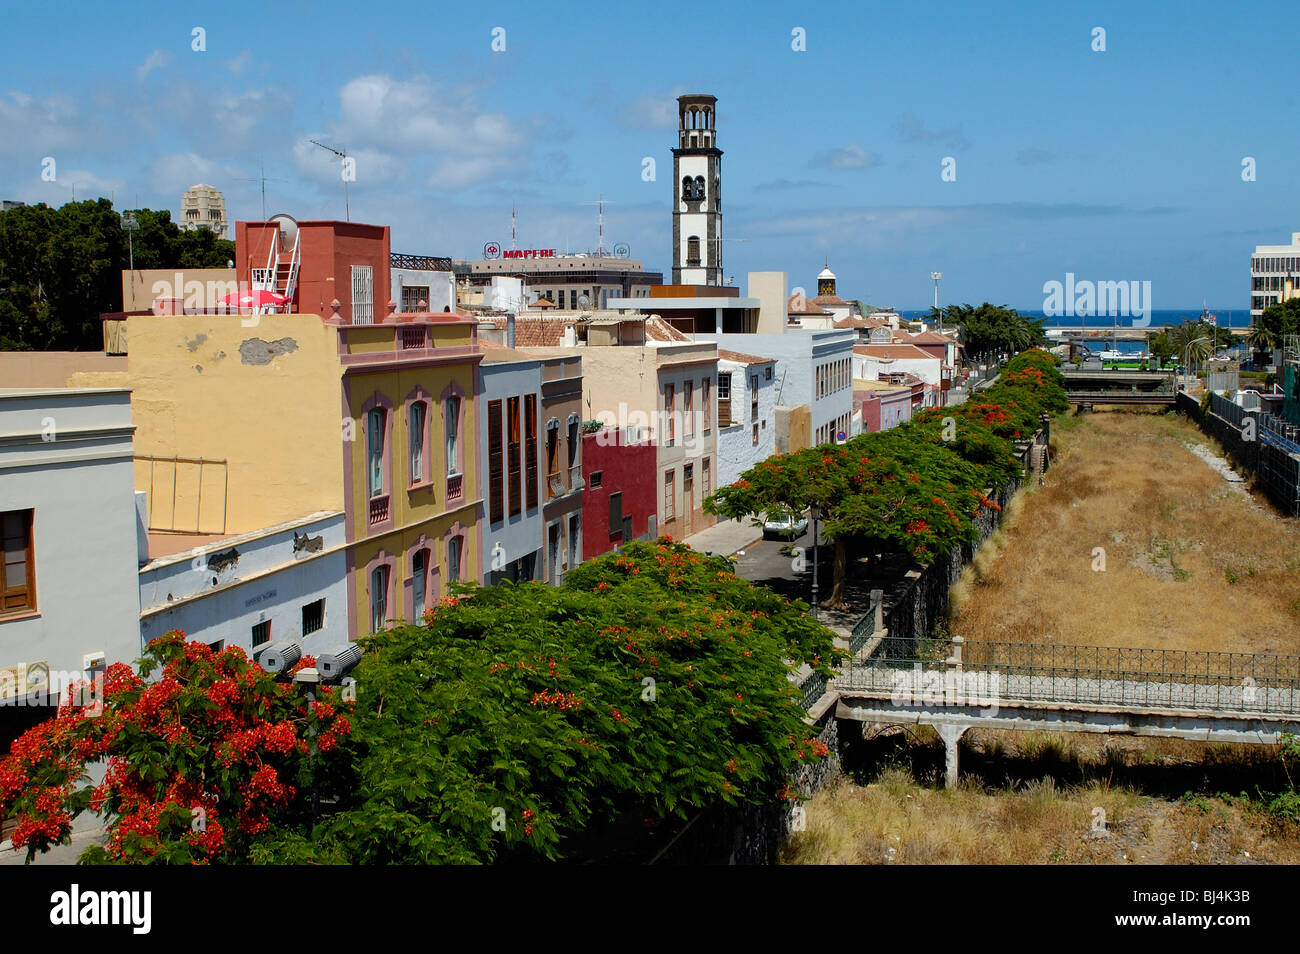 Spain, Canary Islands, Tenerife Santa Cruz, Barranco de Santos and churchtower N.S. de la Concepcion Stock Photo